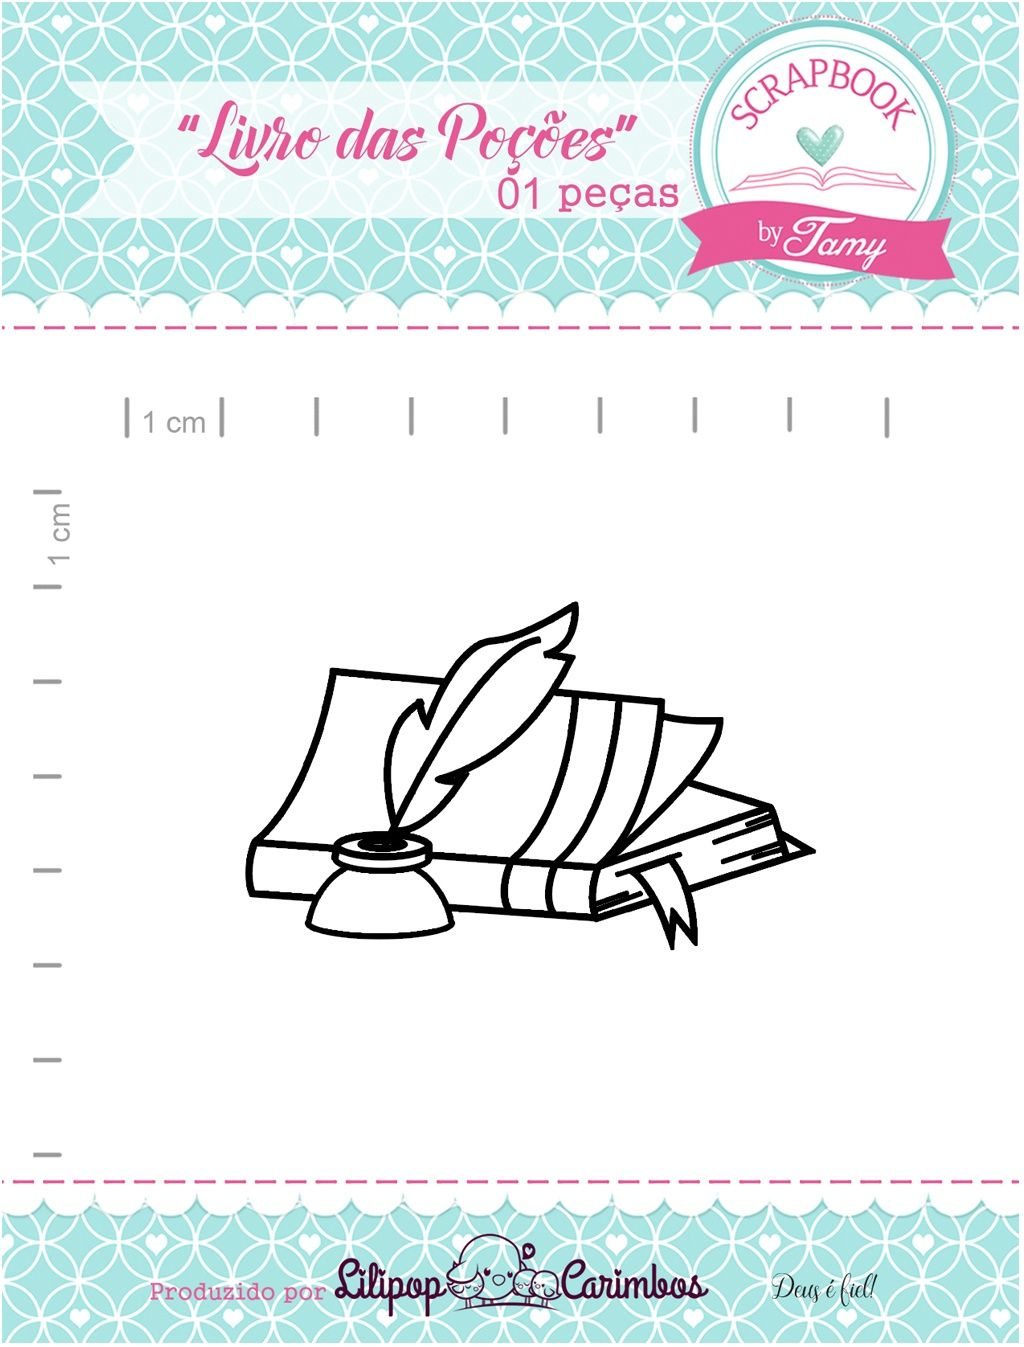 Kit de Carimbos - Livro das Poções - Scrapbook by Tamy